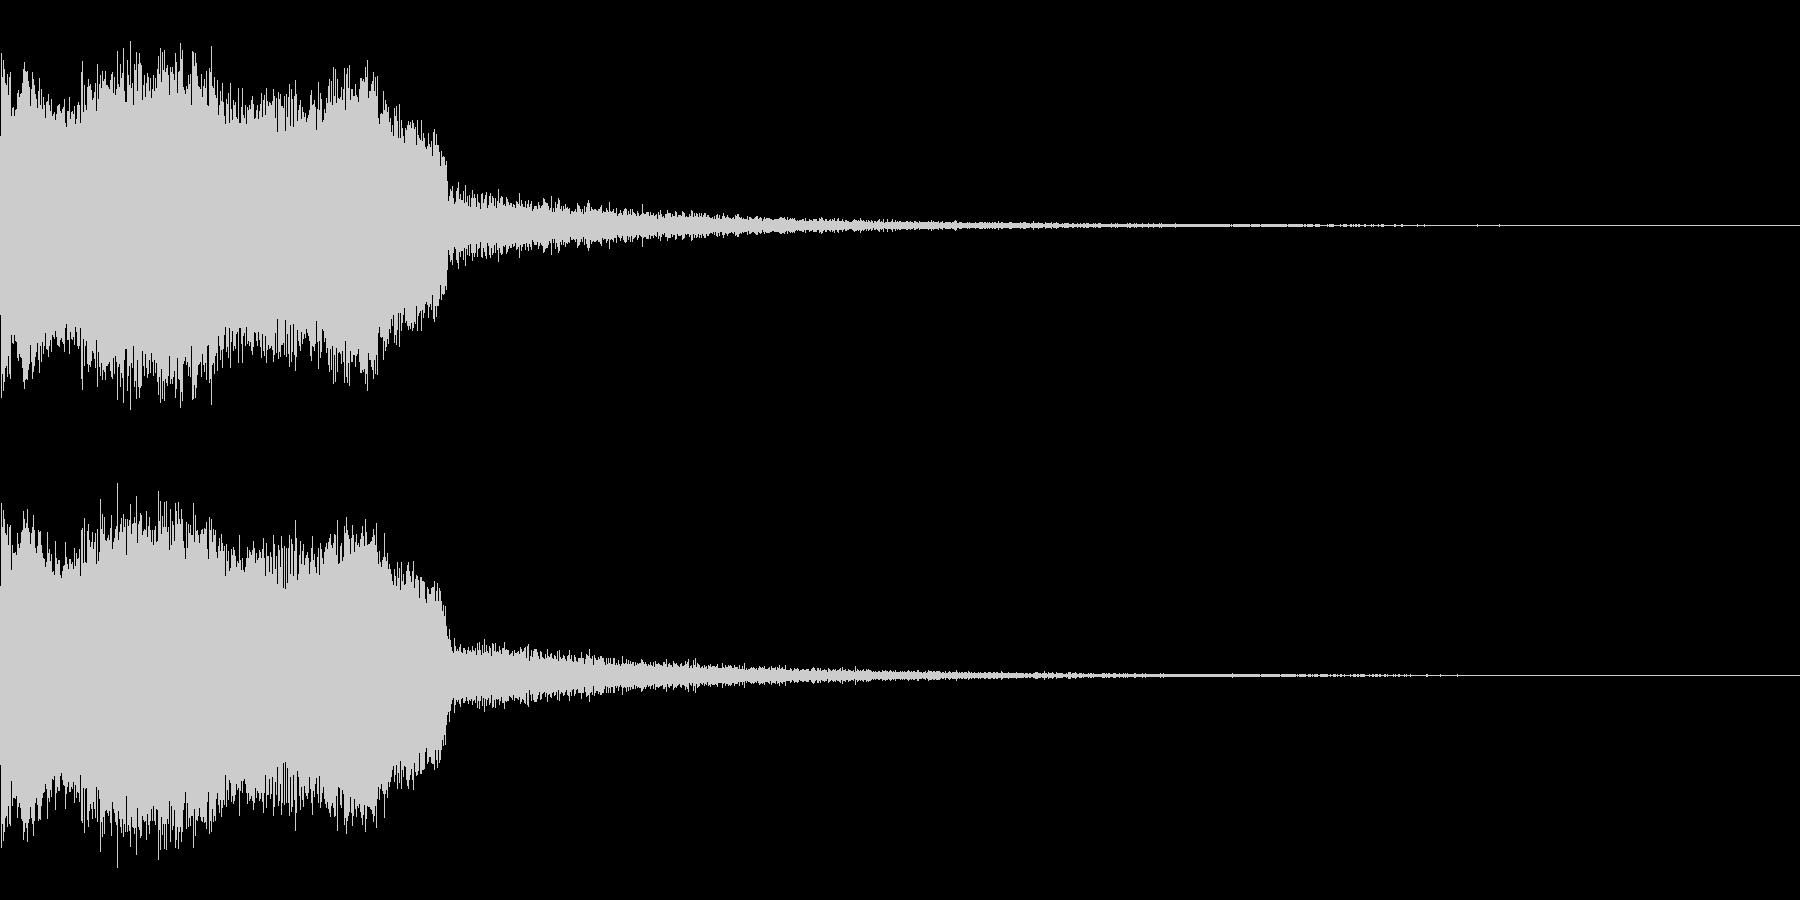 DJFX ヒットチャート発表前SE 25の未再生の波形